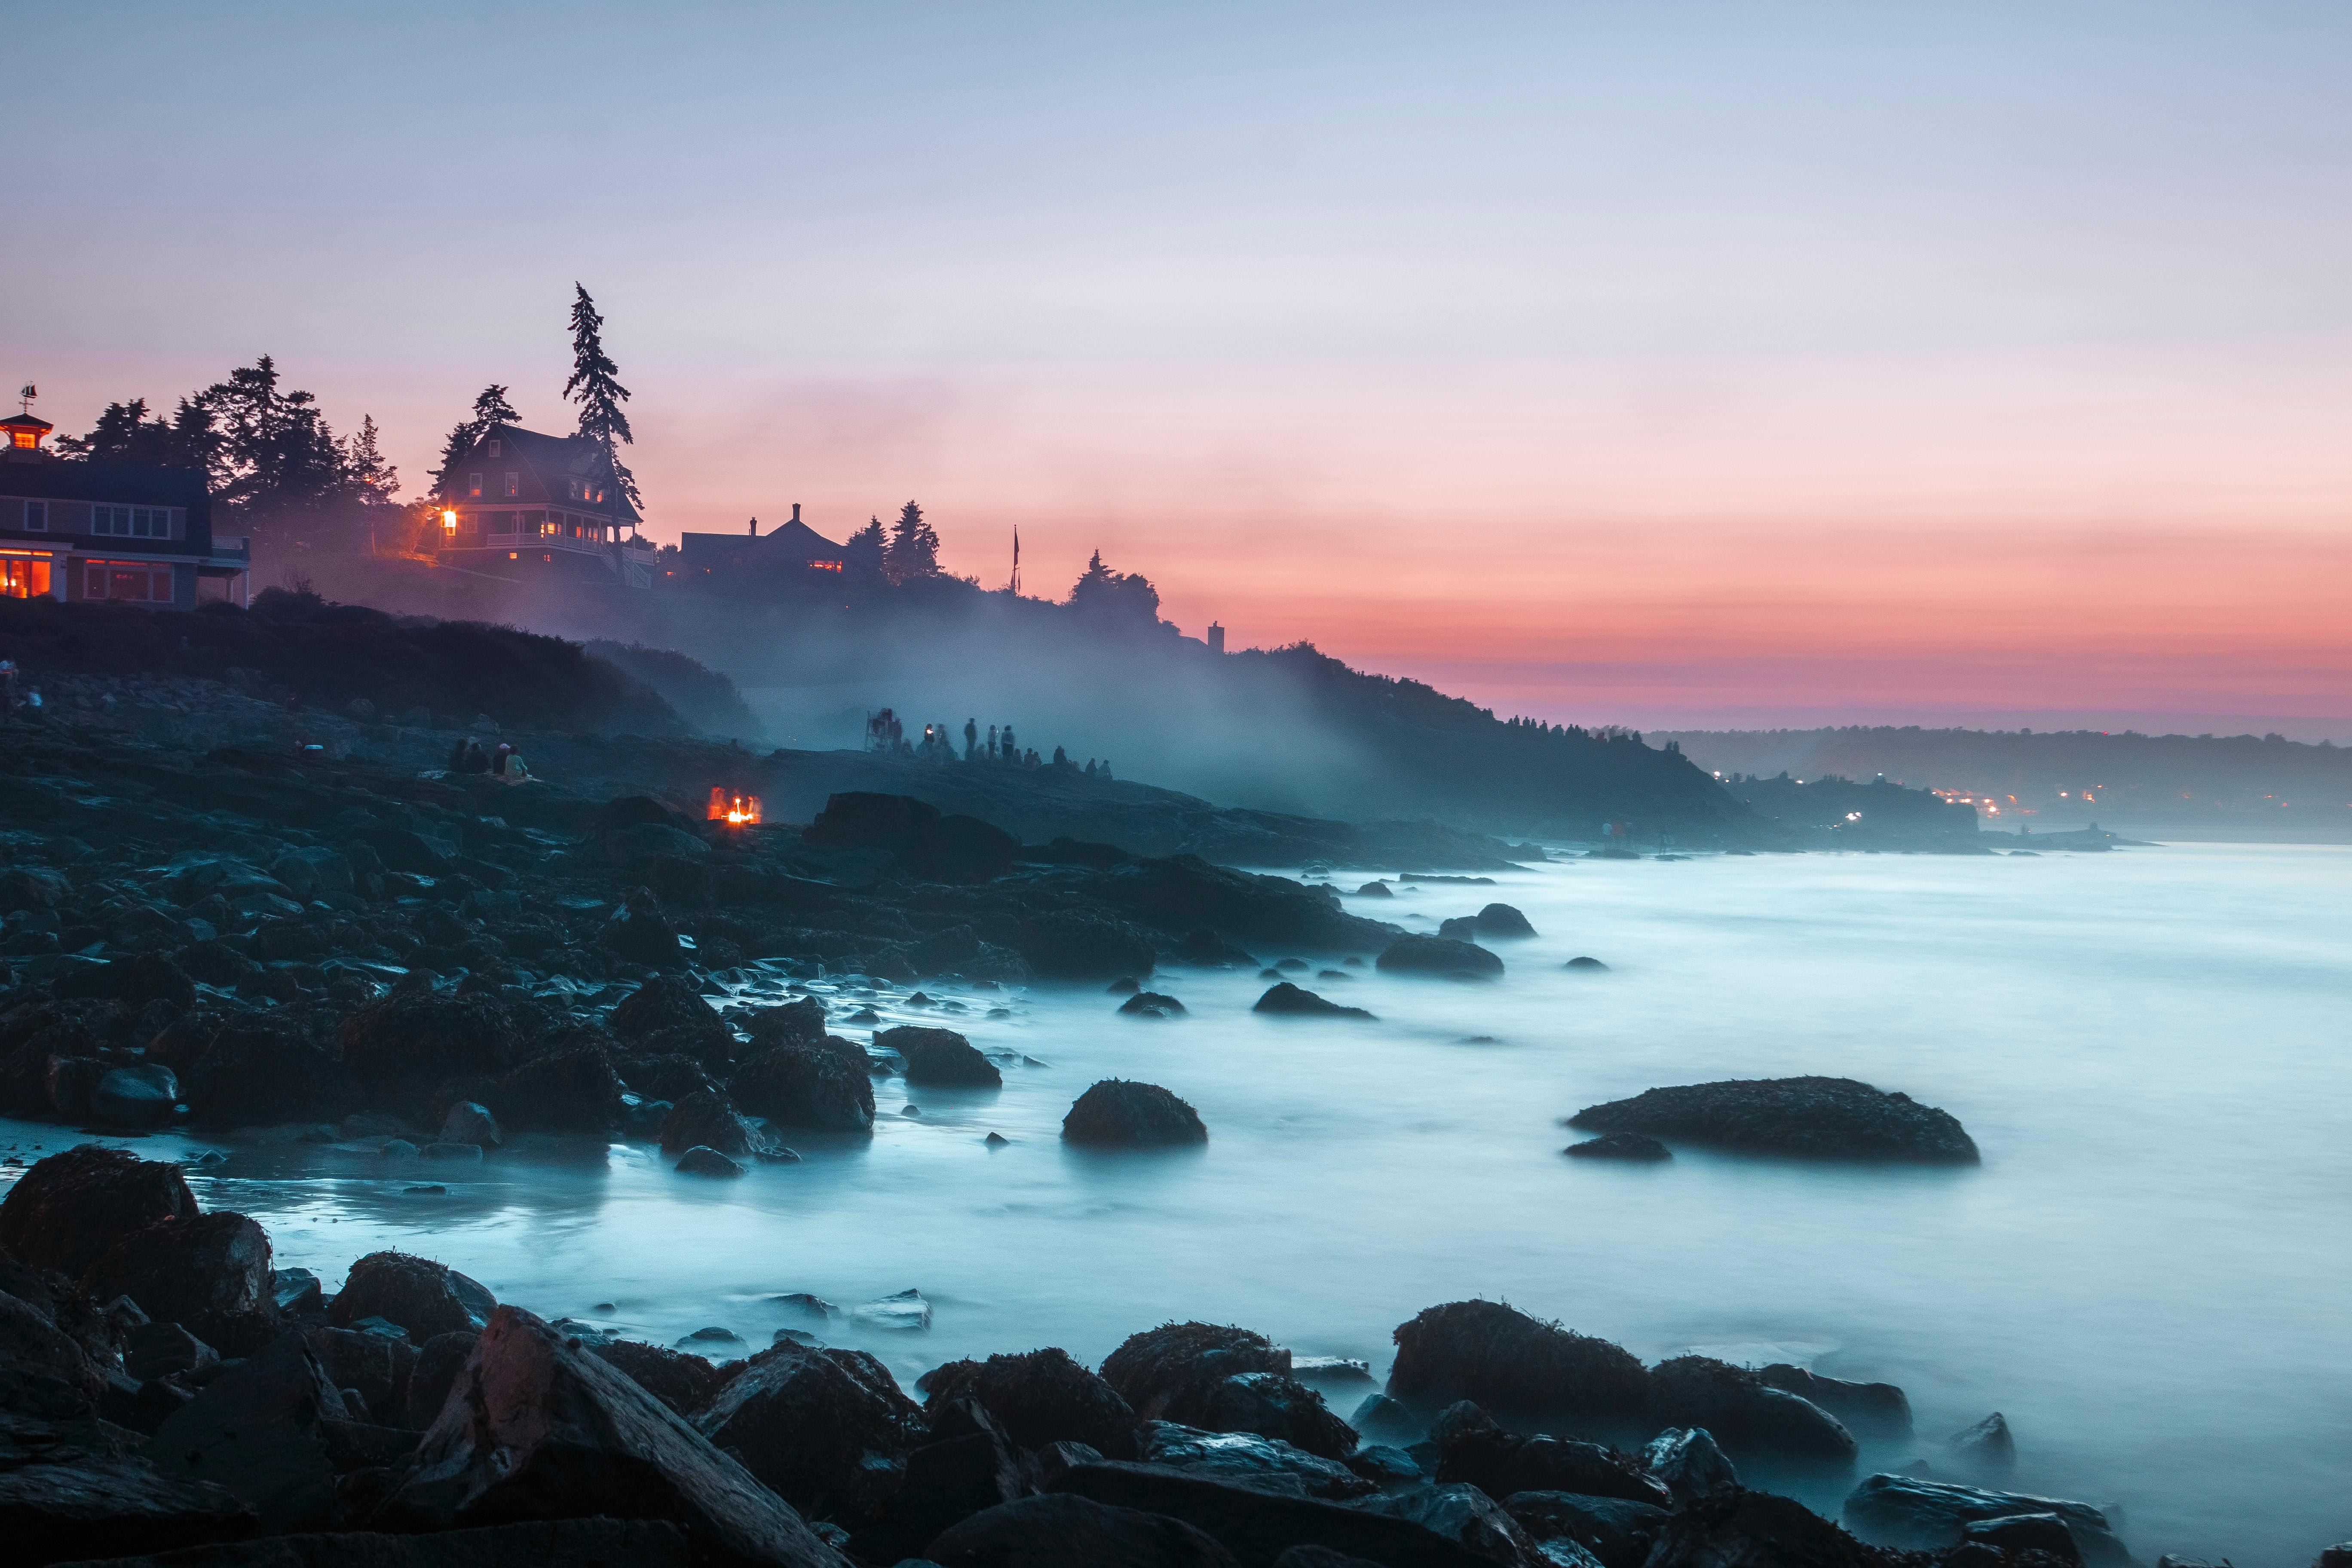 54364 Hintergrundbild herunterladen Natur, Landschaft, Sunset, Stones, Strand, Ufer, Bank, Nebel, Camping, Campingplatz - Bildschirmschoner und Bilder kostenlos